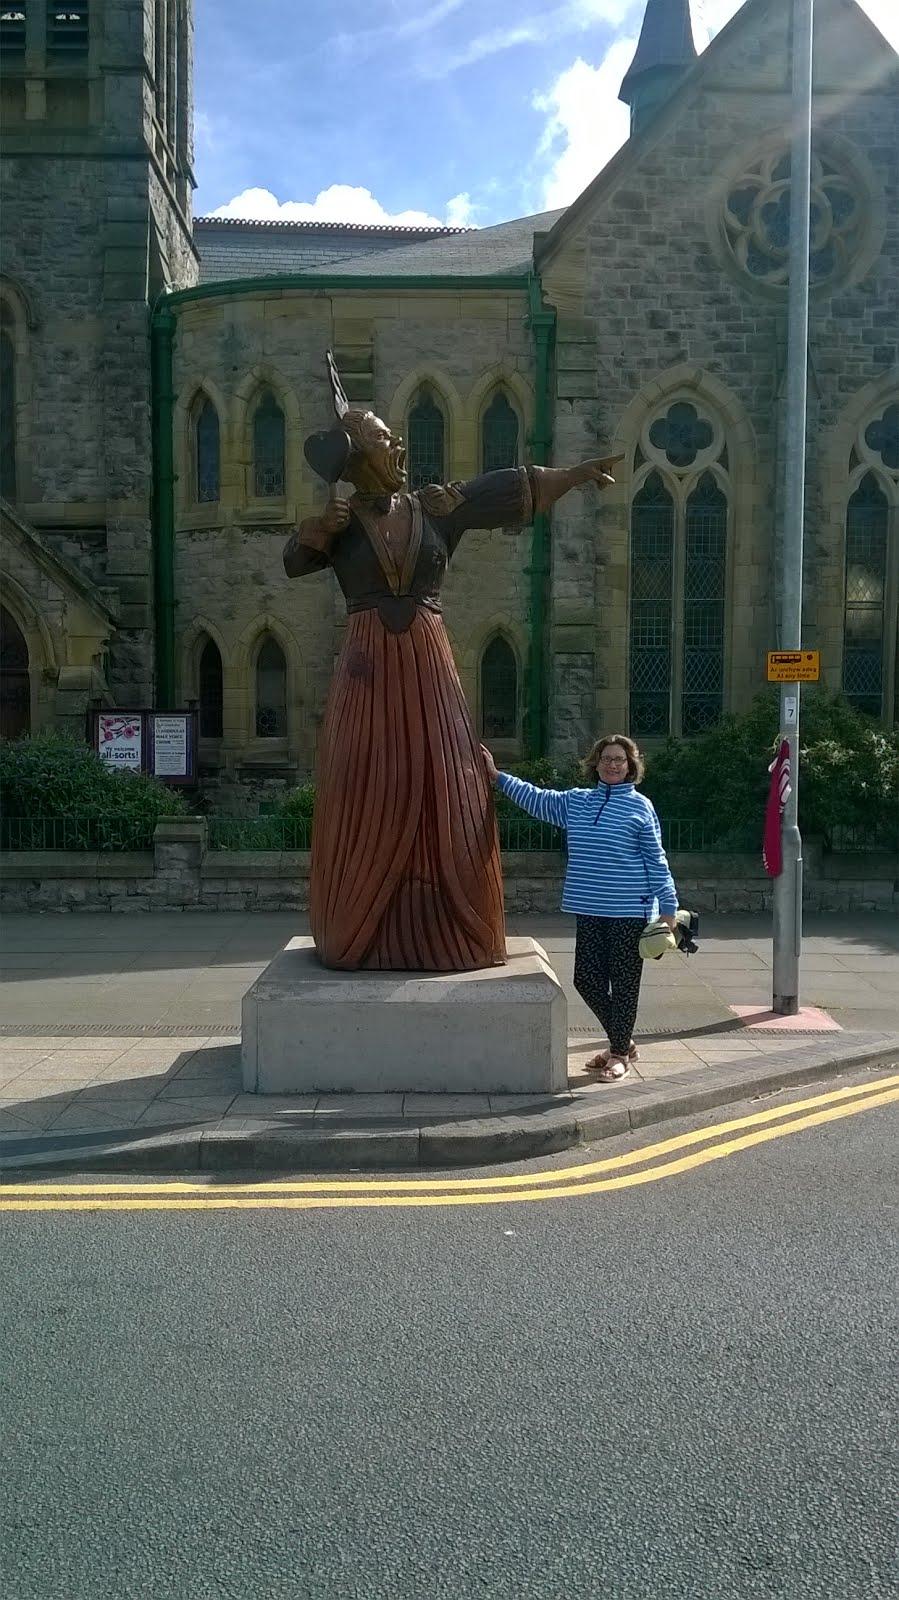 Homenaje en Llandudno-Wales a Lewis Carrol por Alicia en el país de las maravillas.